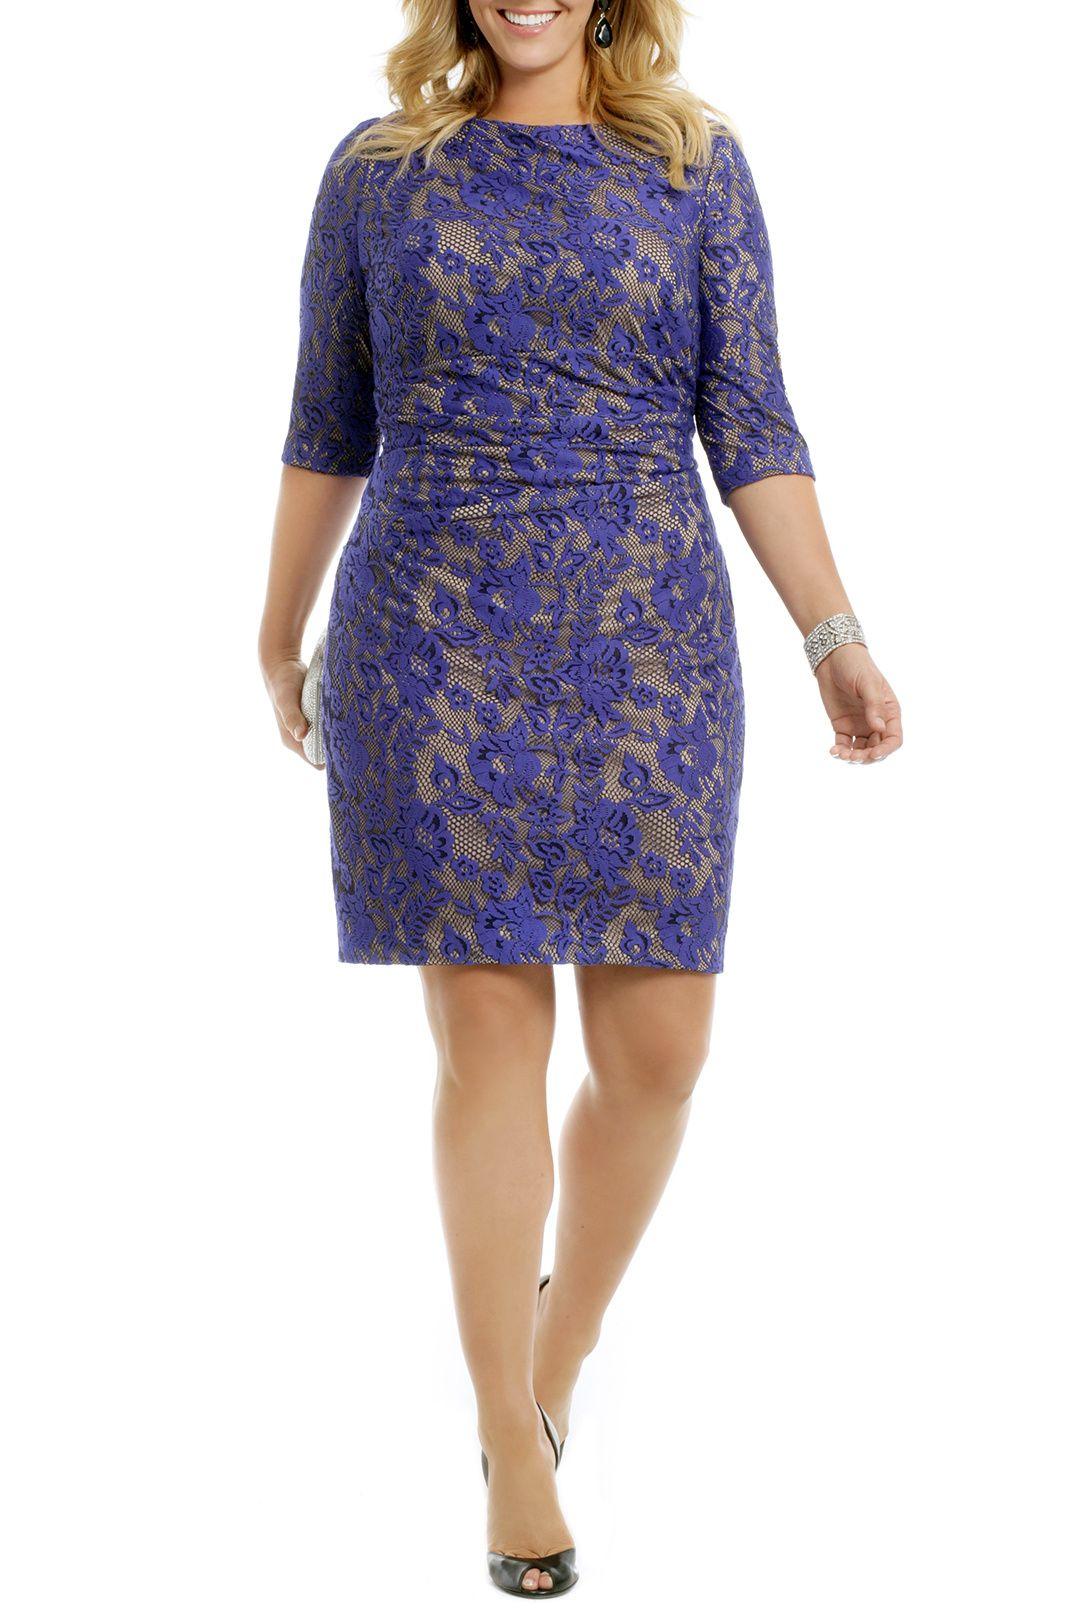 Blue Beauty Dress